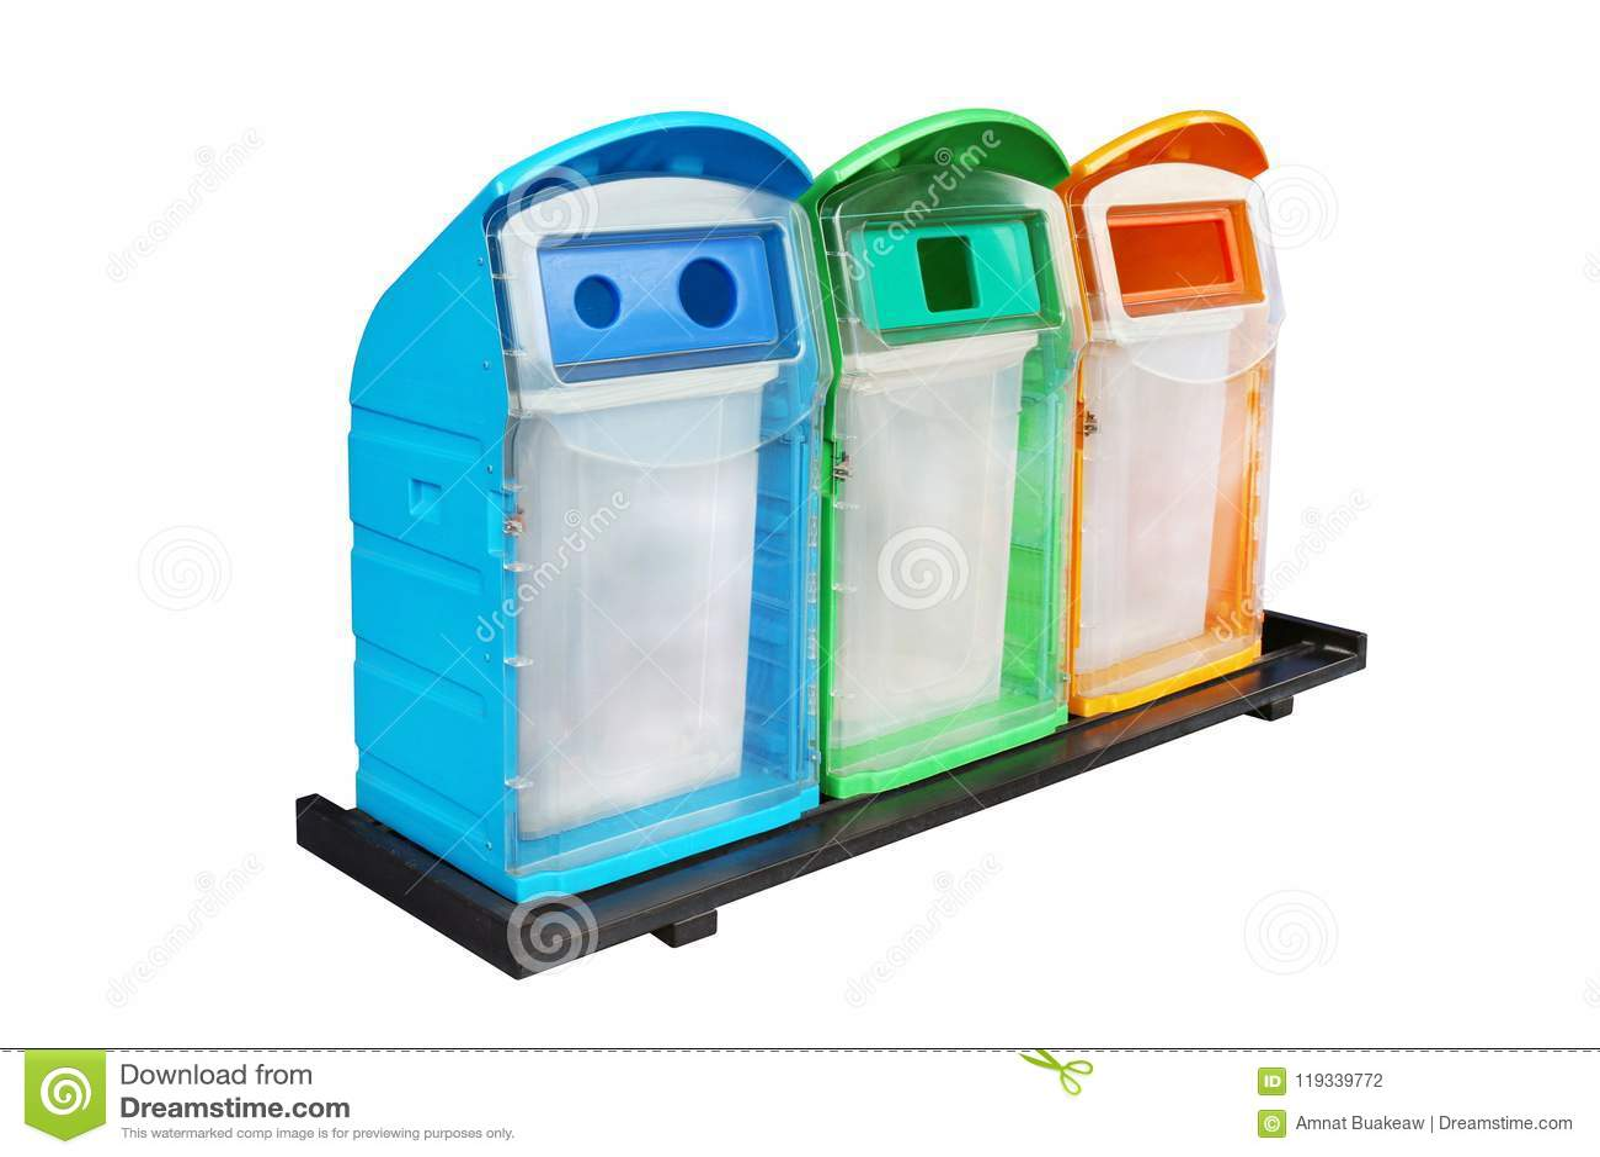 Jałowy kosz, Trzy kolorowy przetwarza kosza klingerytu odpady, Stubarwni Śmieciarscy kosz na śmieci, Przetwarza kosz, Śmieciarski